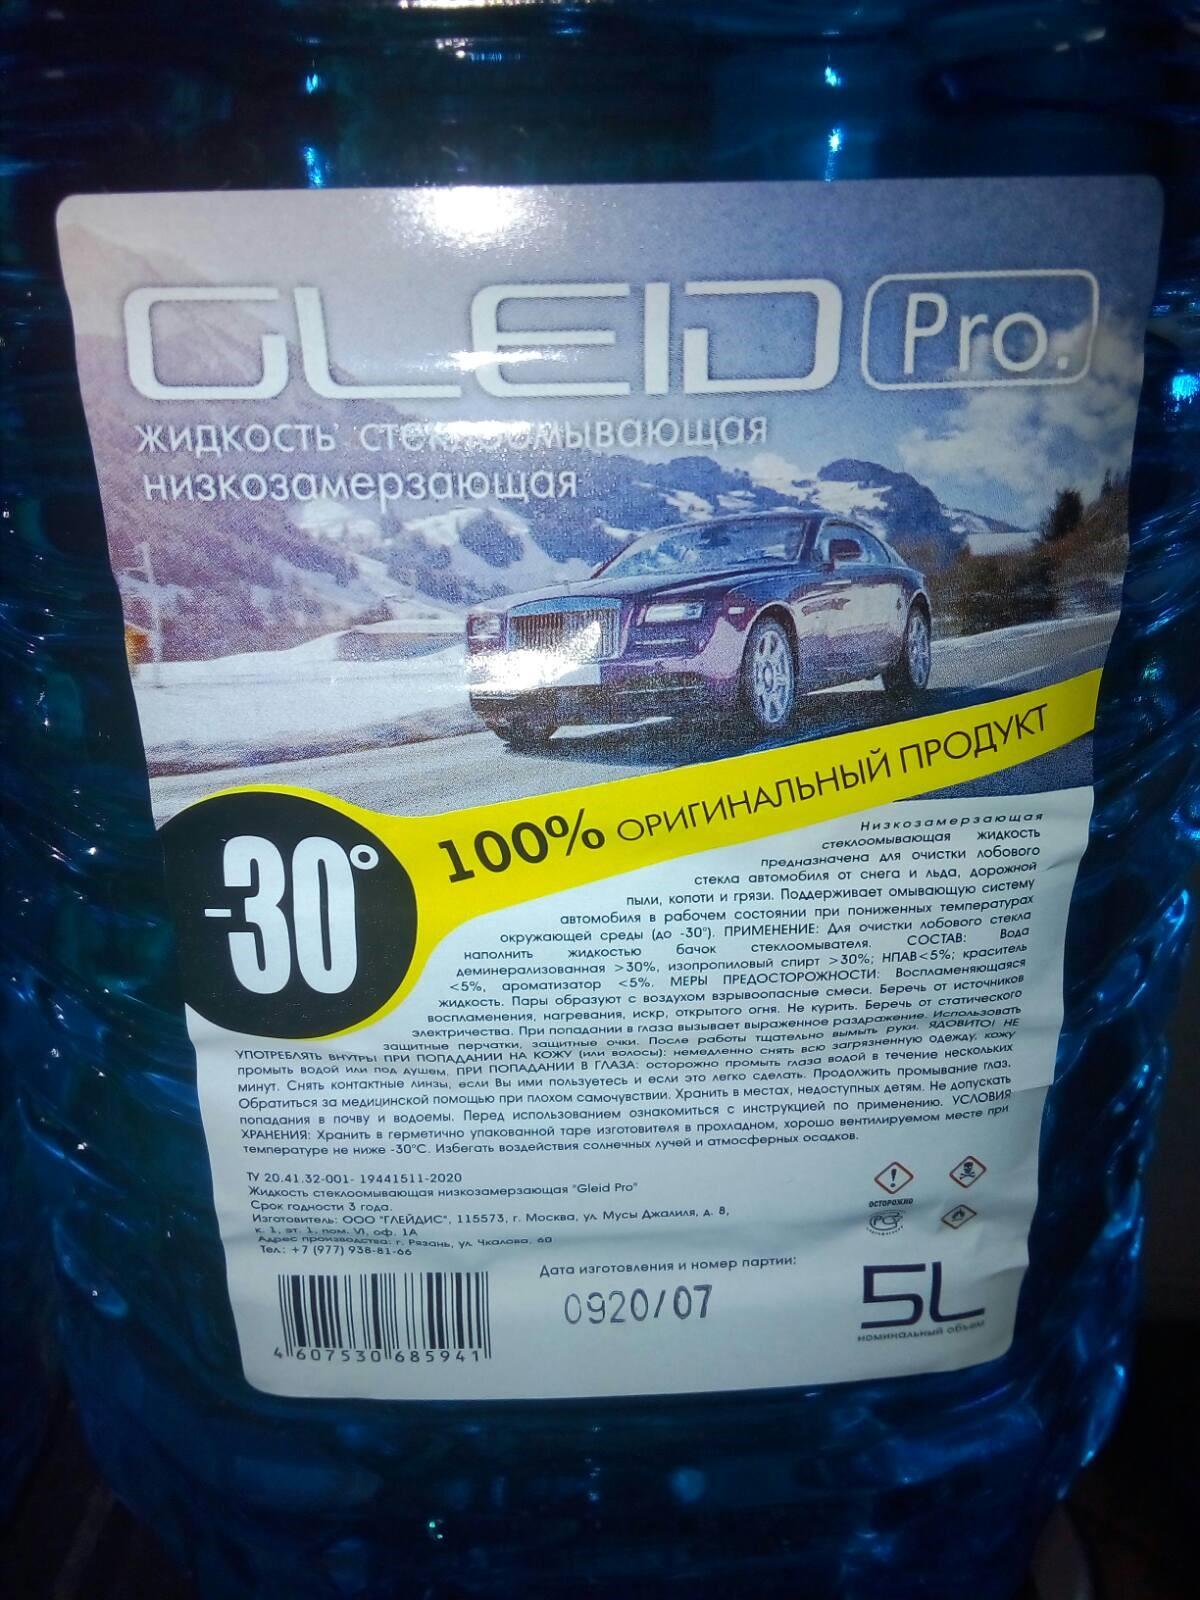 Жидкость стеклоомывающая низкозамерзающая «GleidPro -300